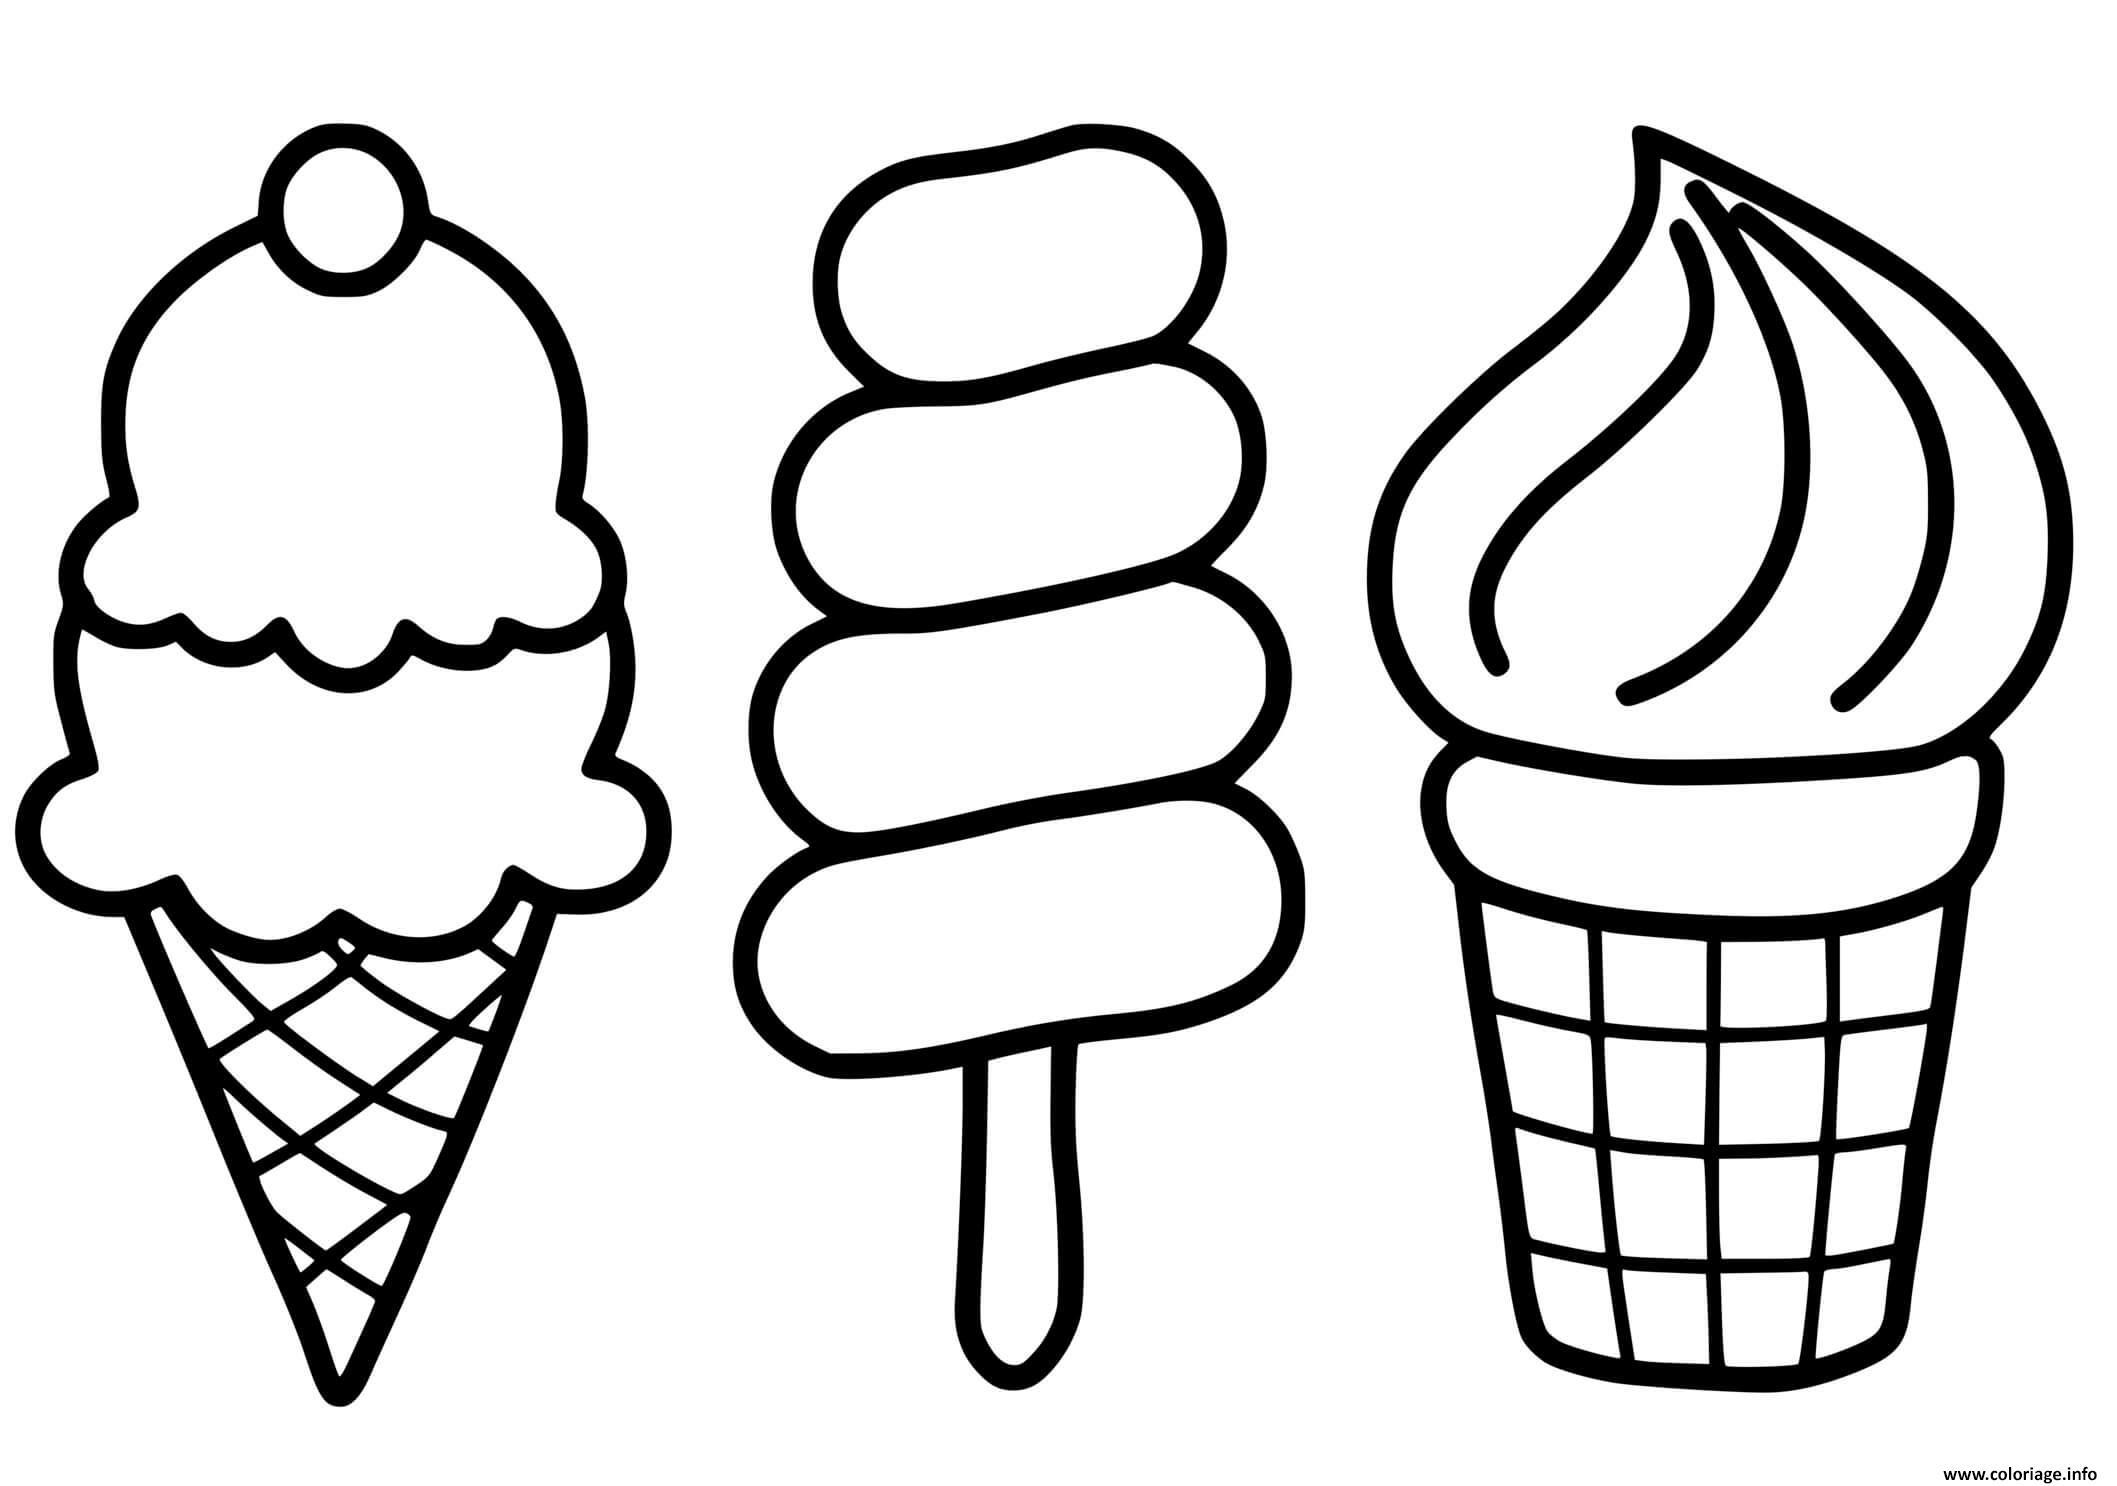 Dessin trois saveurs de glaces pour enfants Coloriage Gratuit à Imprimer